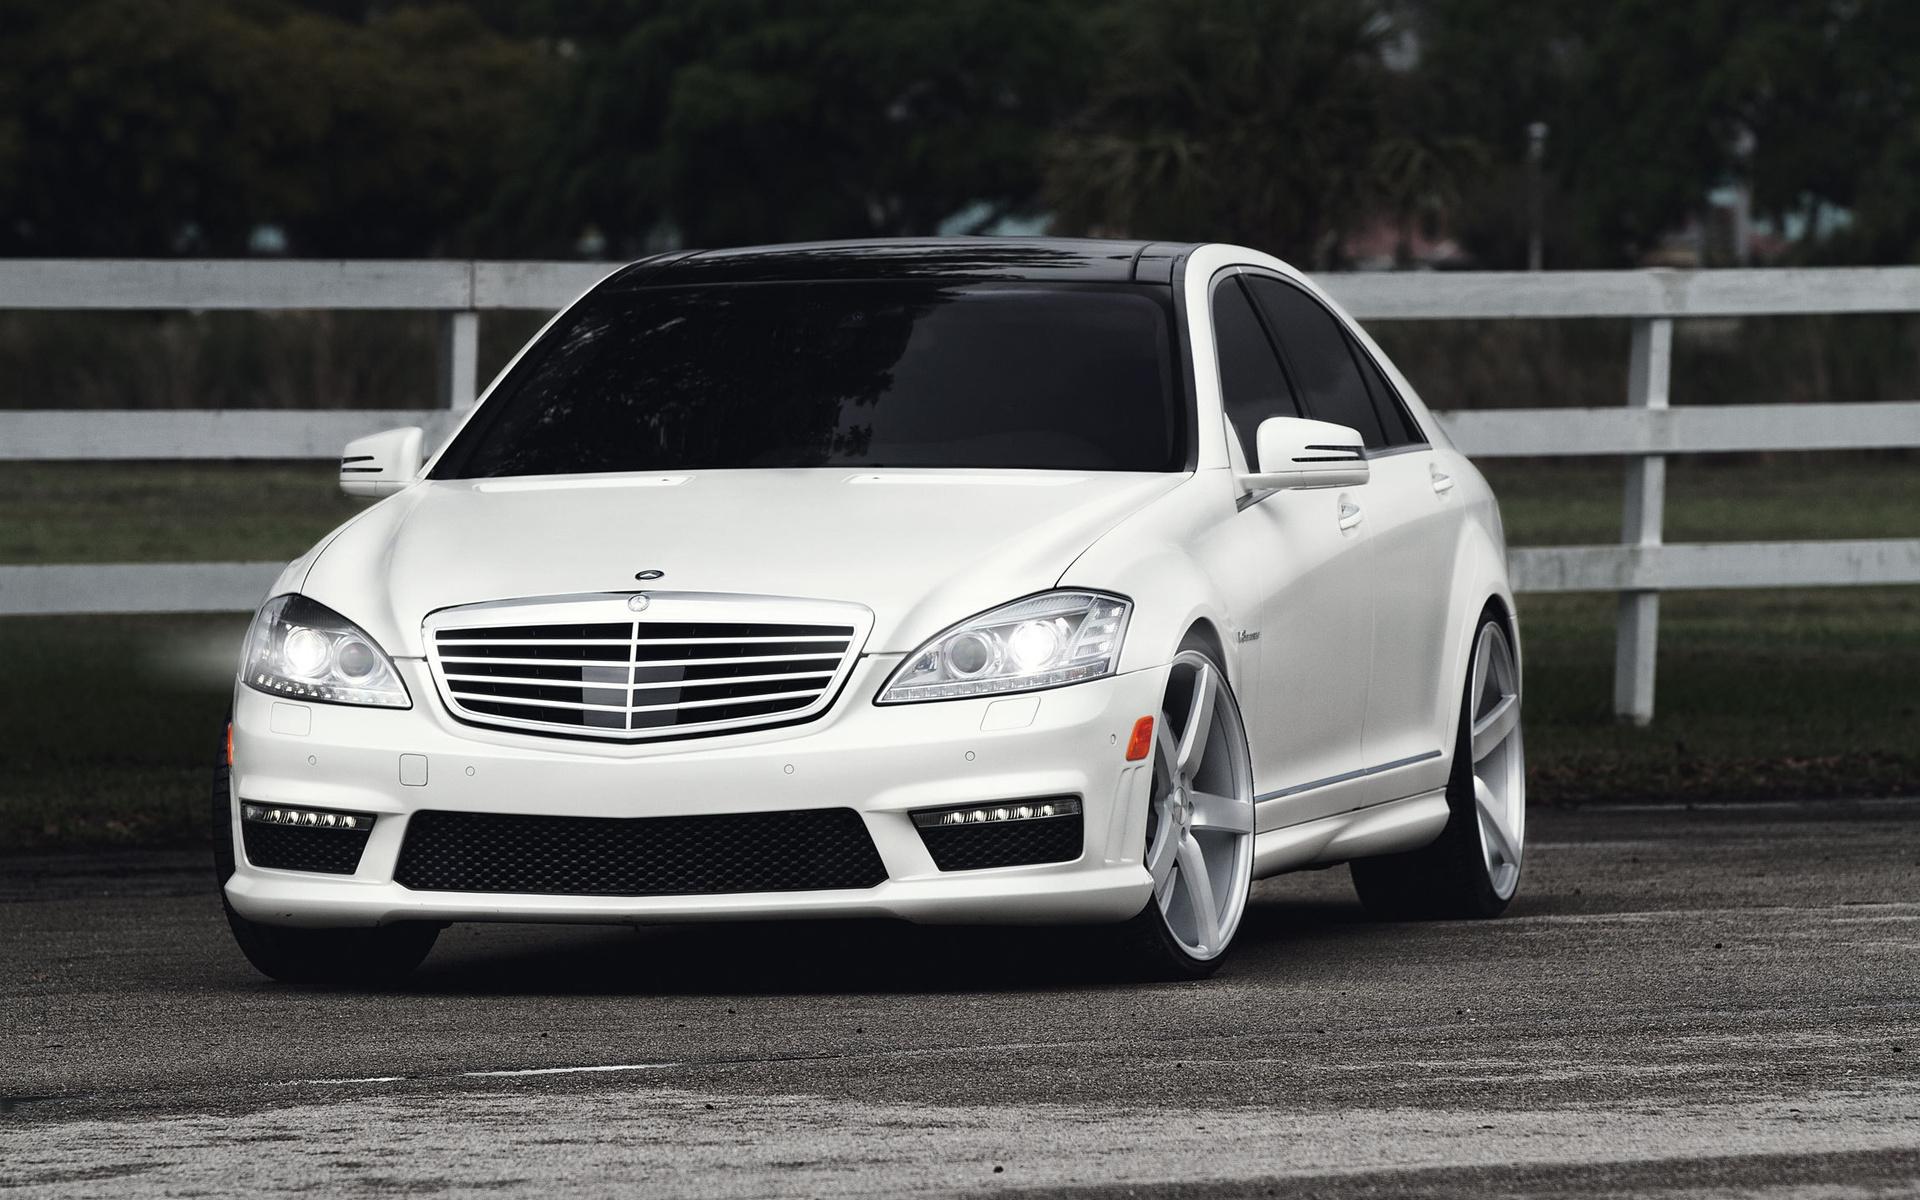 41710 скачать обои Транспорт, Машины, Мерседес (Mercedes) - заставки и картинки бесплатно